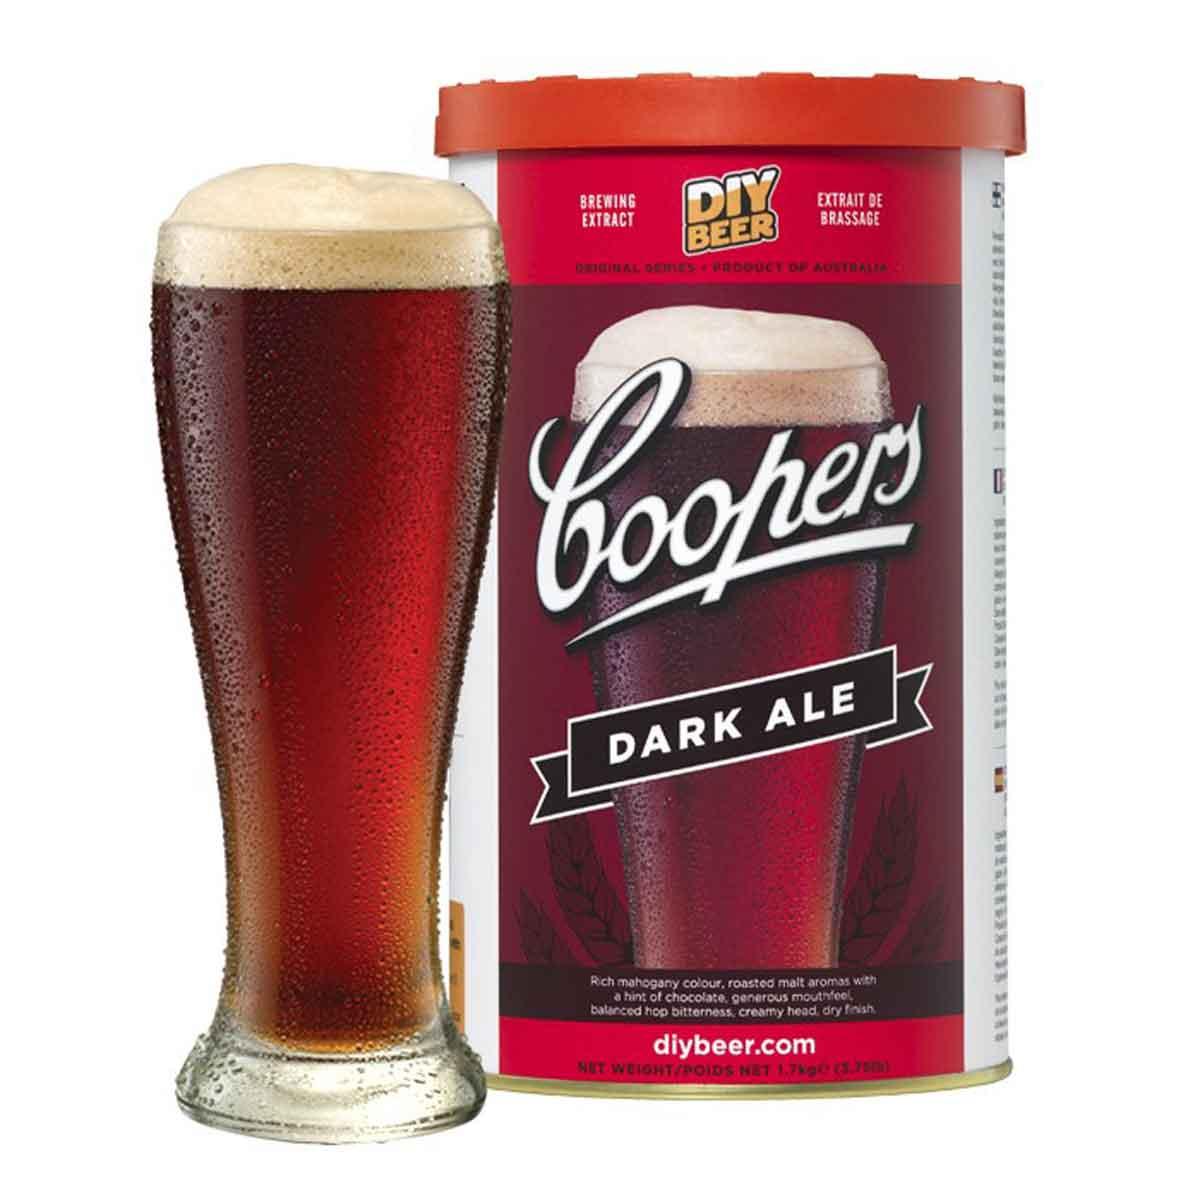 Malto per birra Coopers Dark Ale